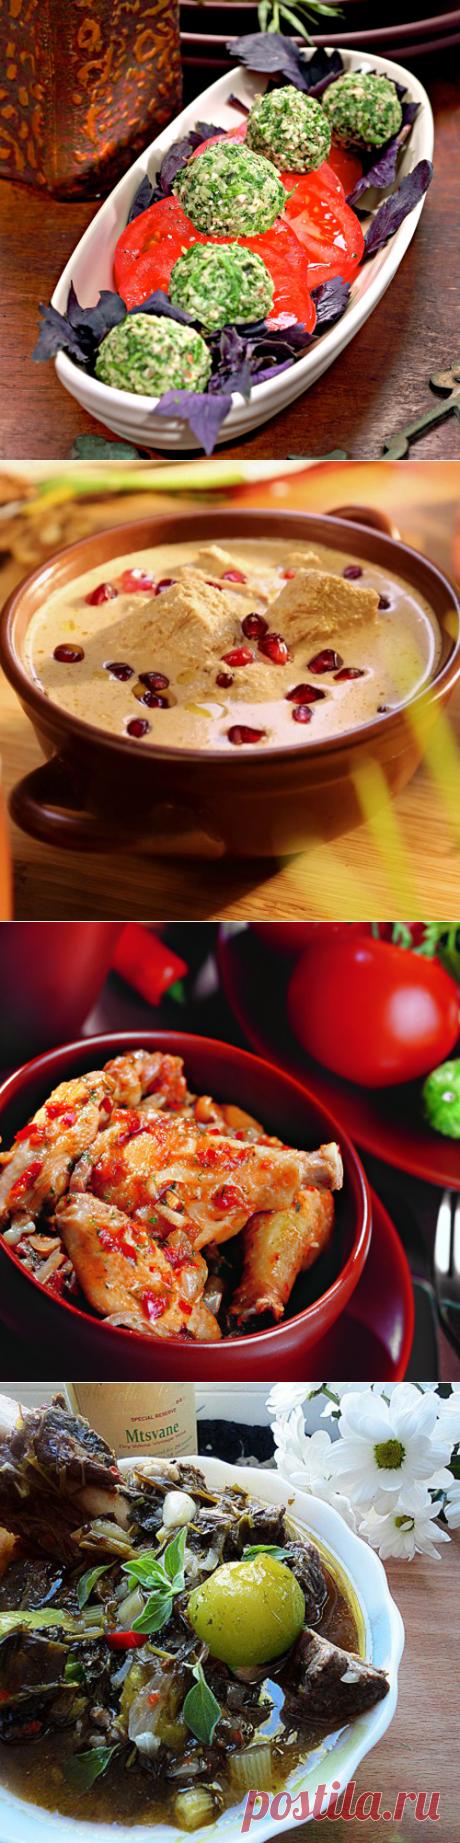 Грузинское застолье: 4 рецепта грузинской кухни, которые сделают тебя королевой